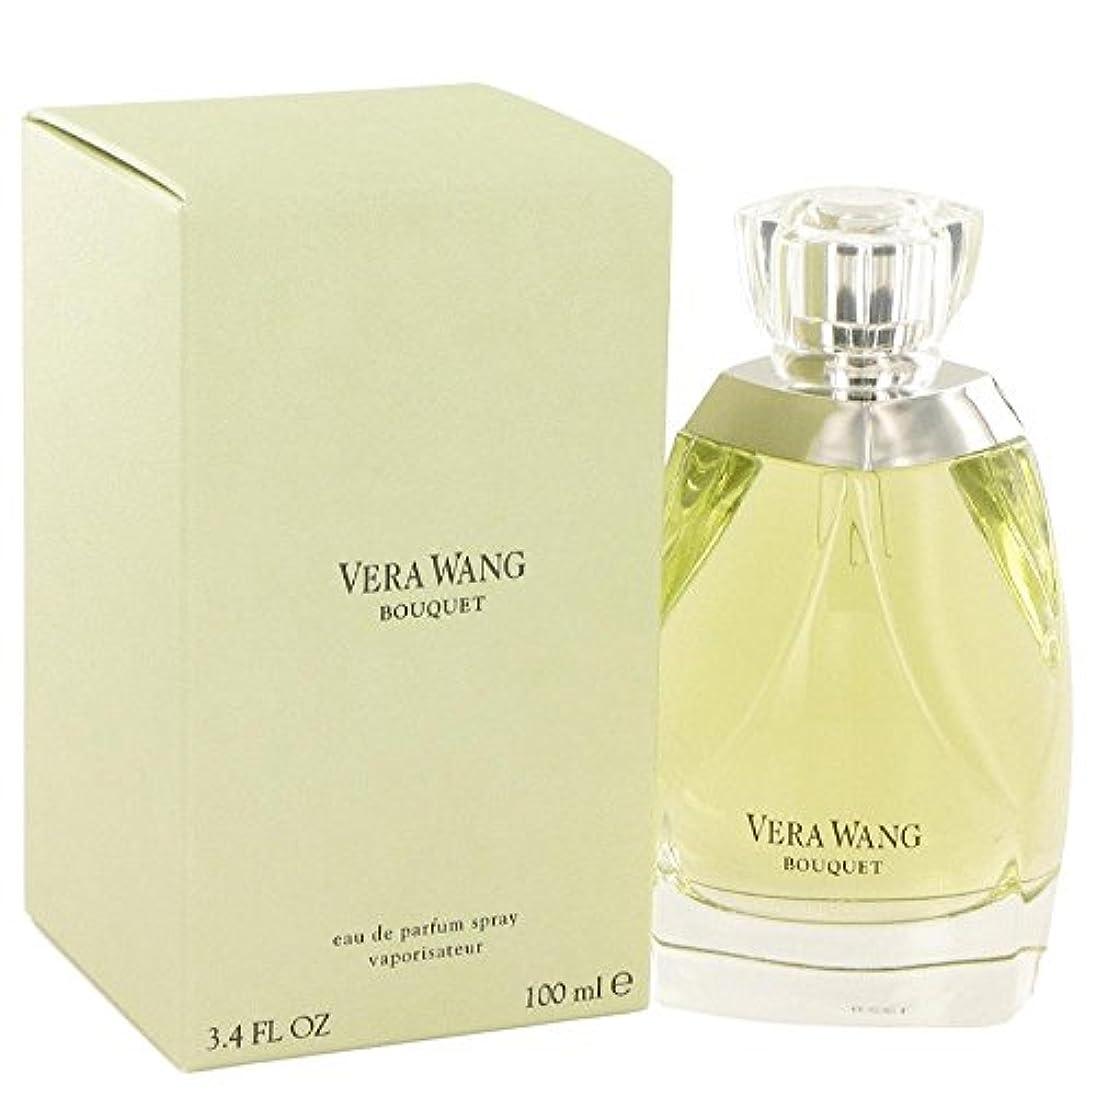 グリース迷惑怒っているVera Wang Bouquet 100ml/3.4oz Eau De Parfum Spray EDP Perfume Fragrance for Her